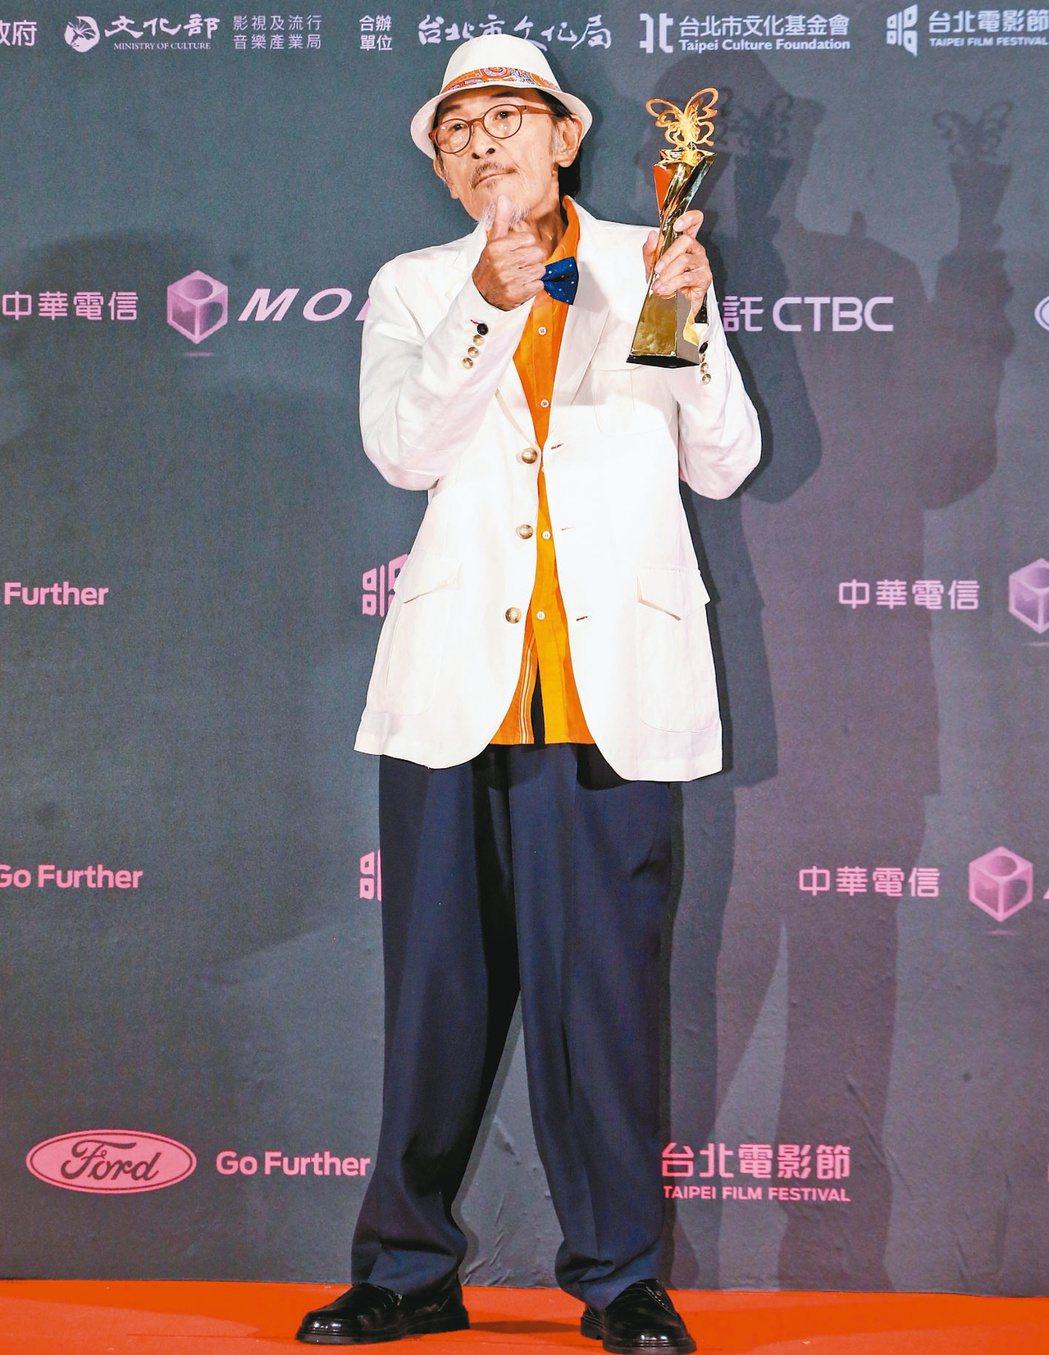 小戽斗去年以「老大人」奪得2019台北電影獎最佳男主角獎。圖/報系資料照